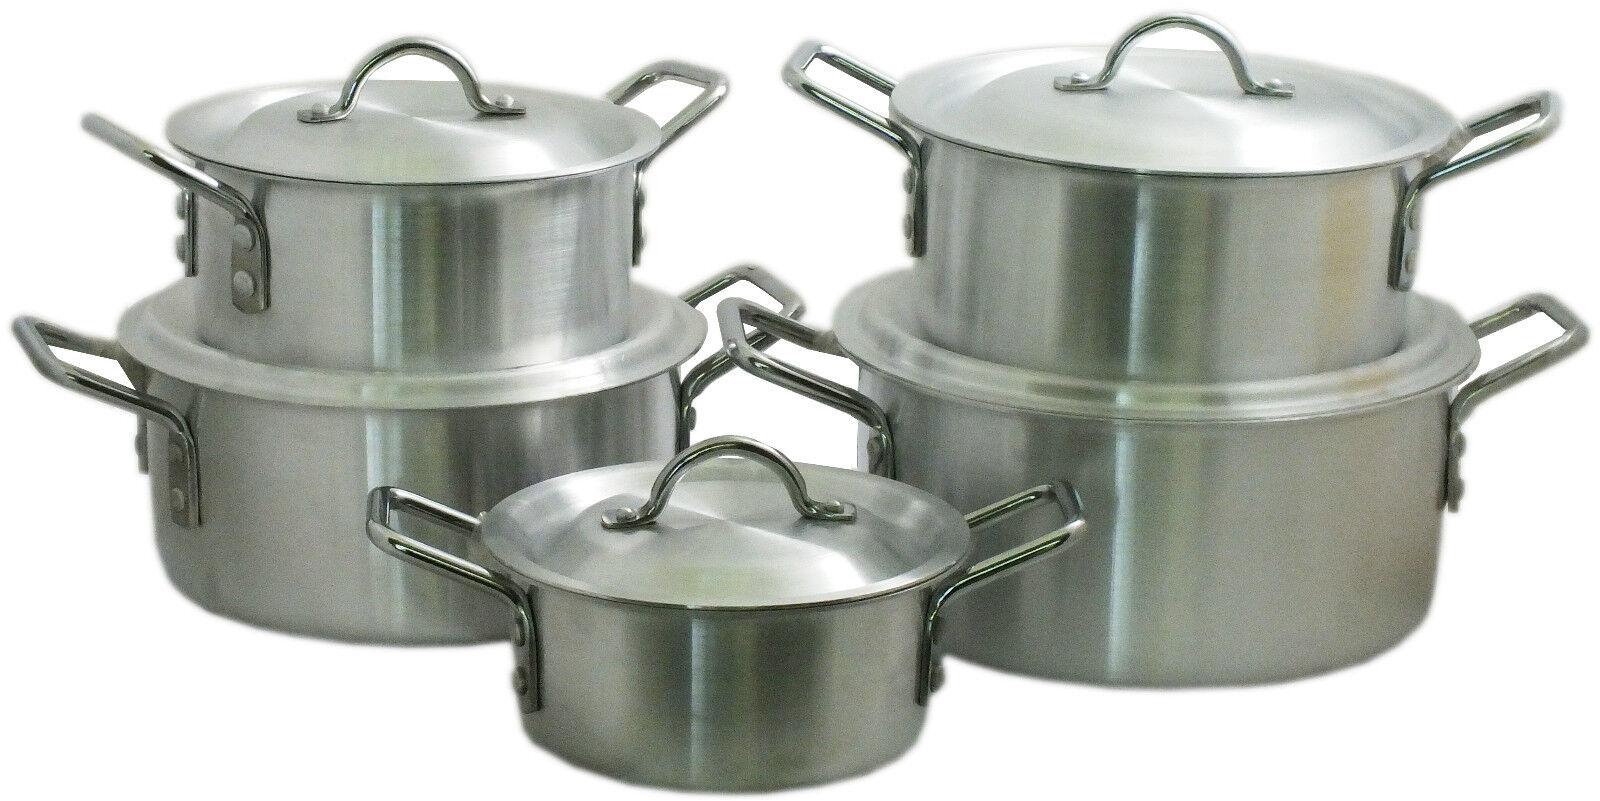 5 piece set de cuisine en aluminium avec couvercle